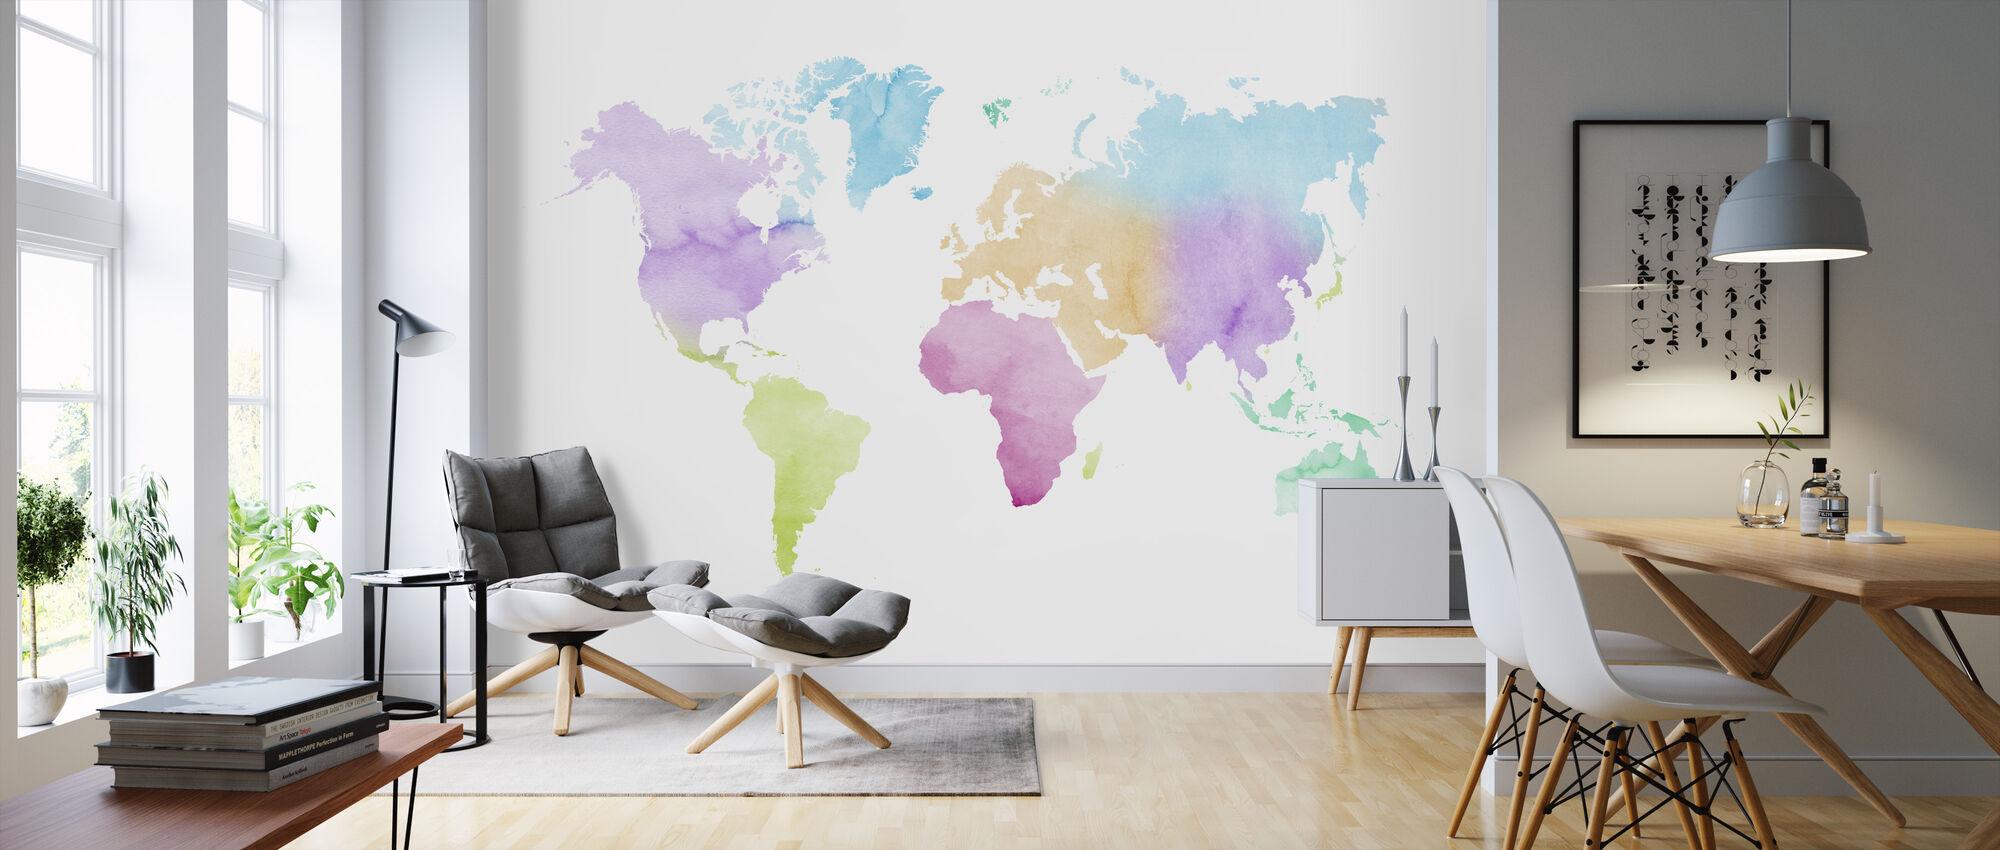 Akvarell verden flerfarget - Tapet - Stue